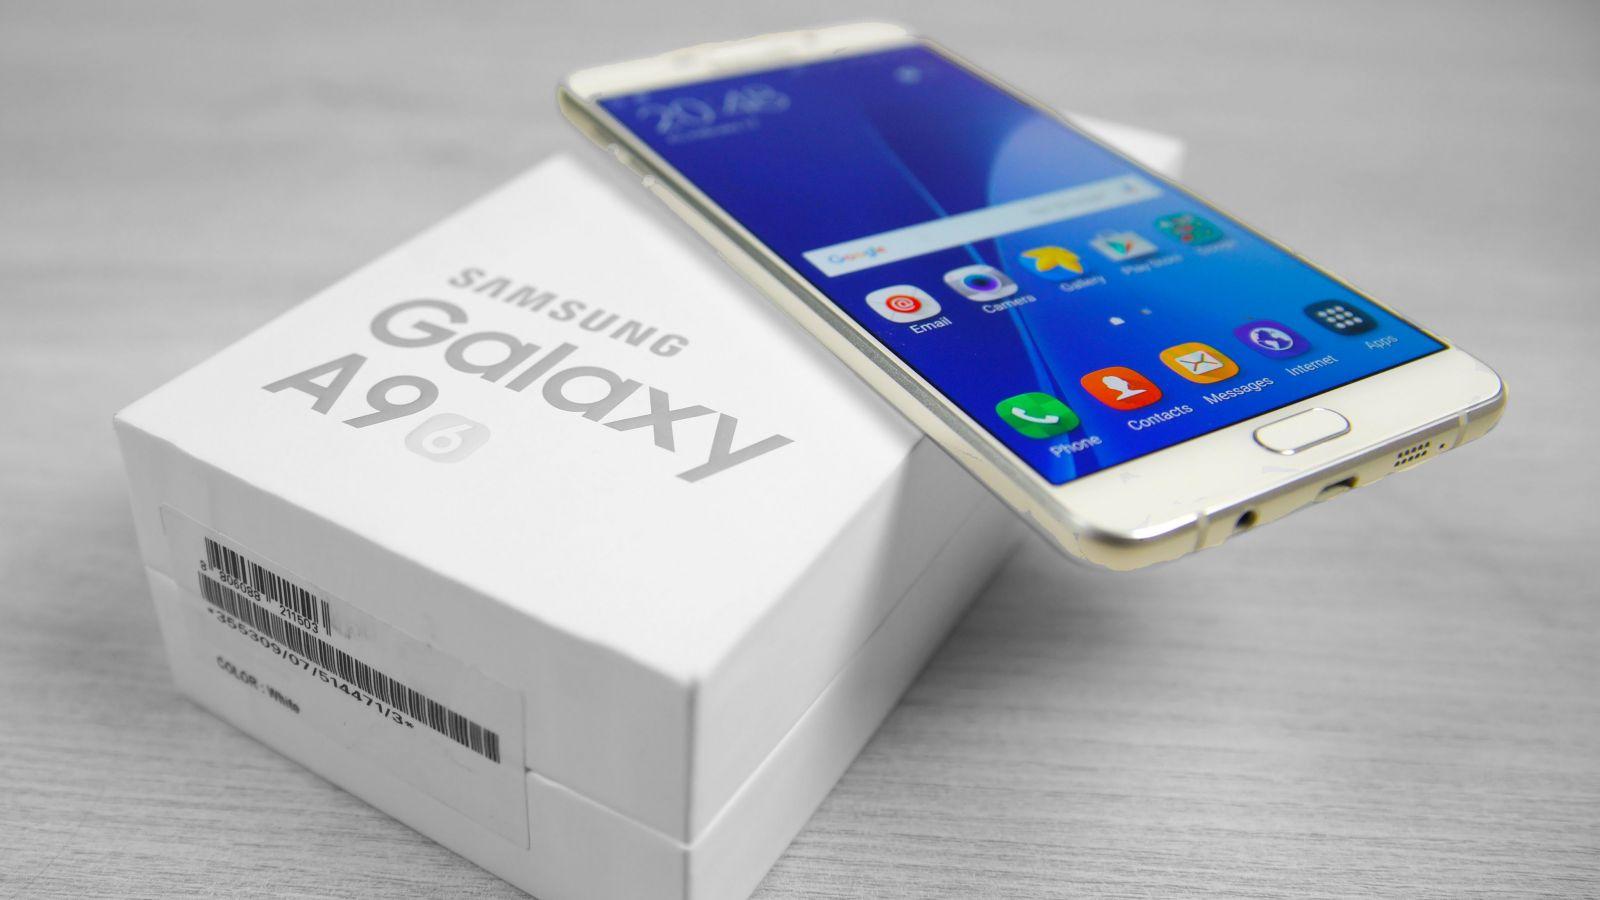 Thay loa trong, loa ngoài Samsung A9 giá rẻ tại Hà Nội.